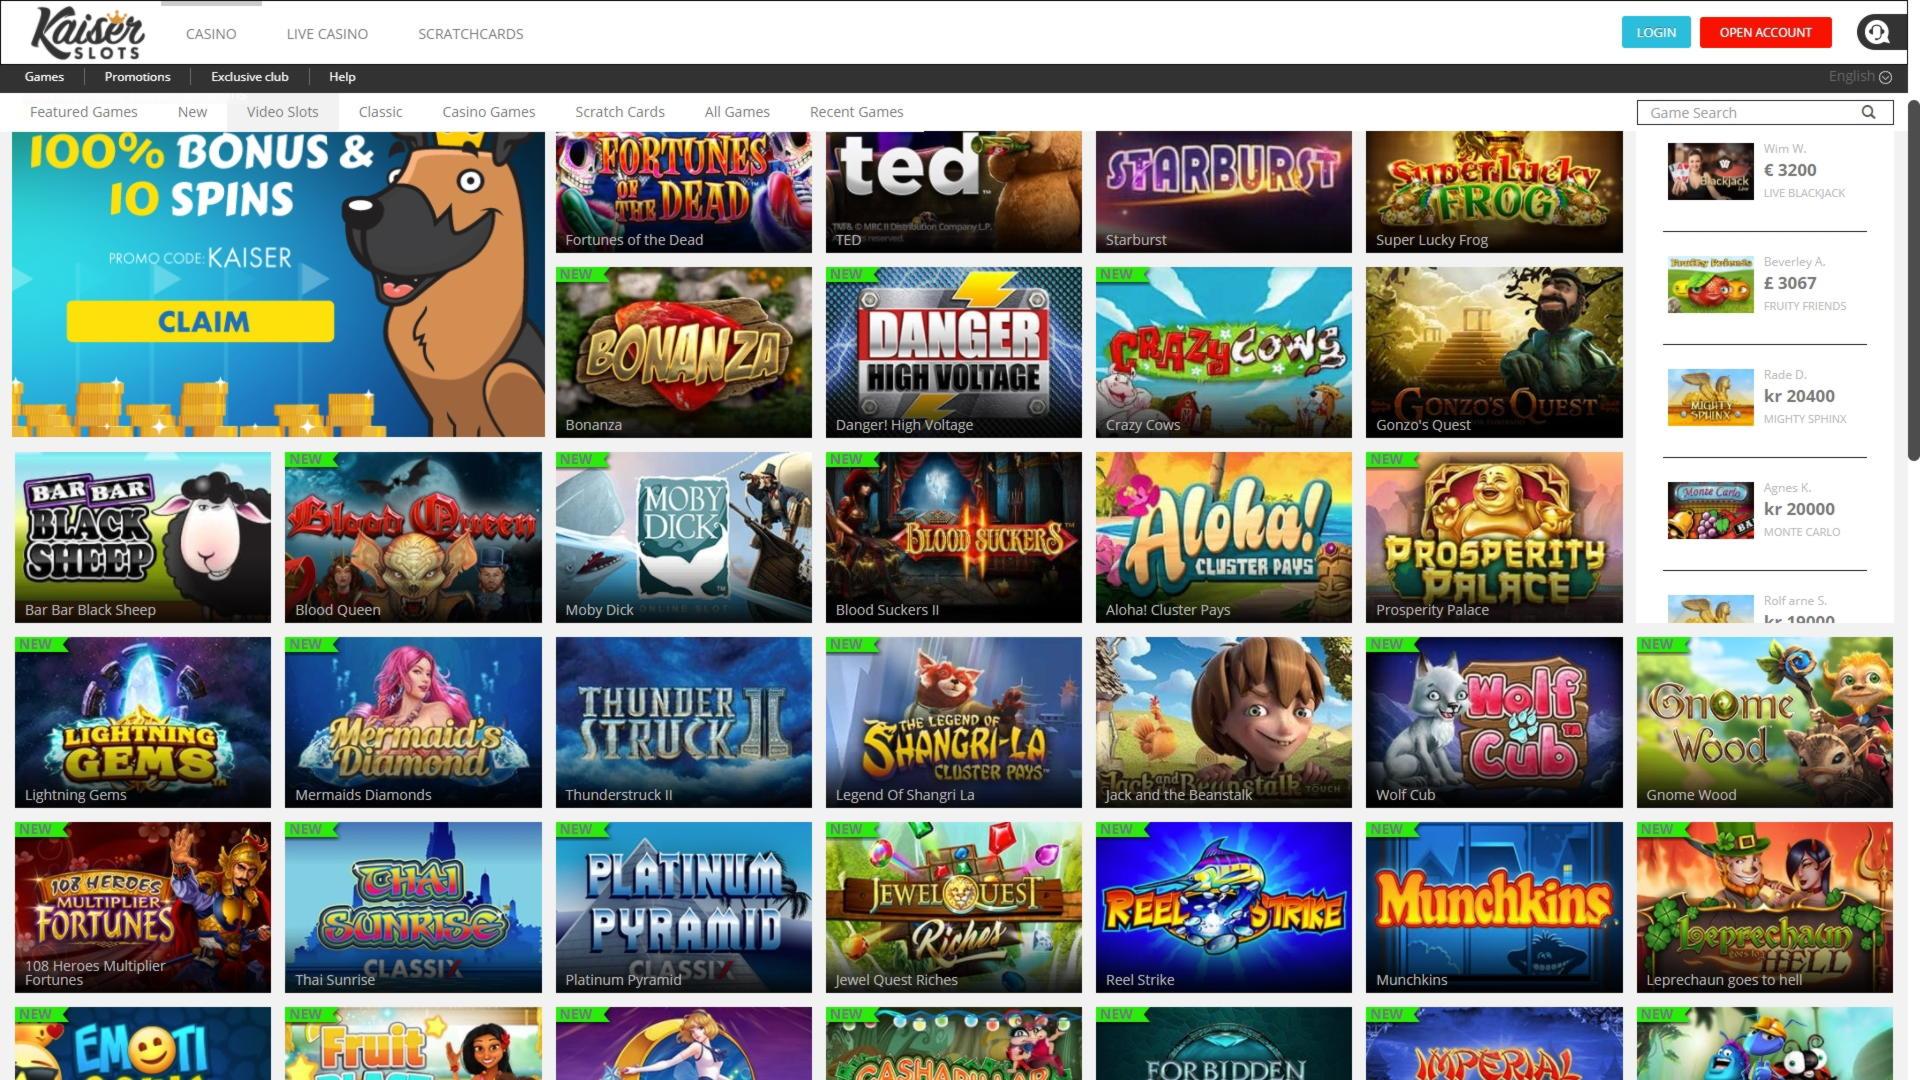 300% First Deposit Bonus på Casino.com